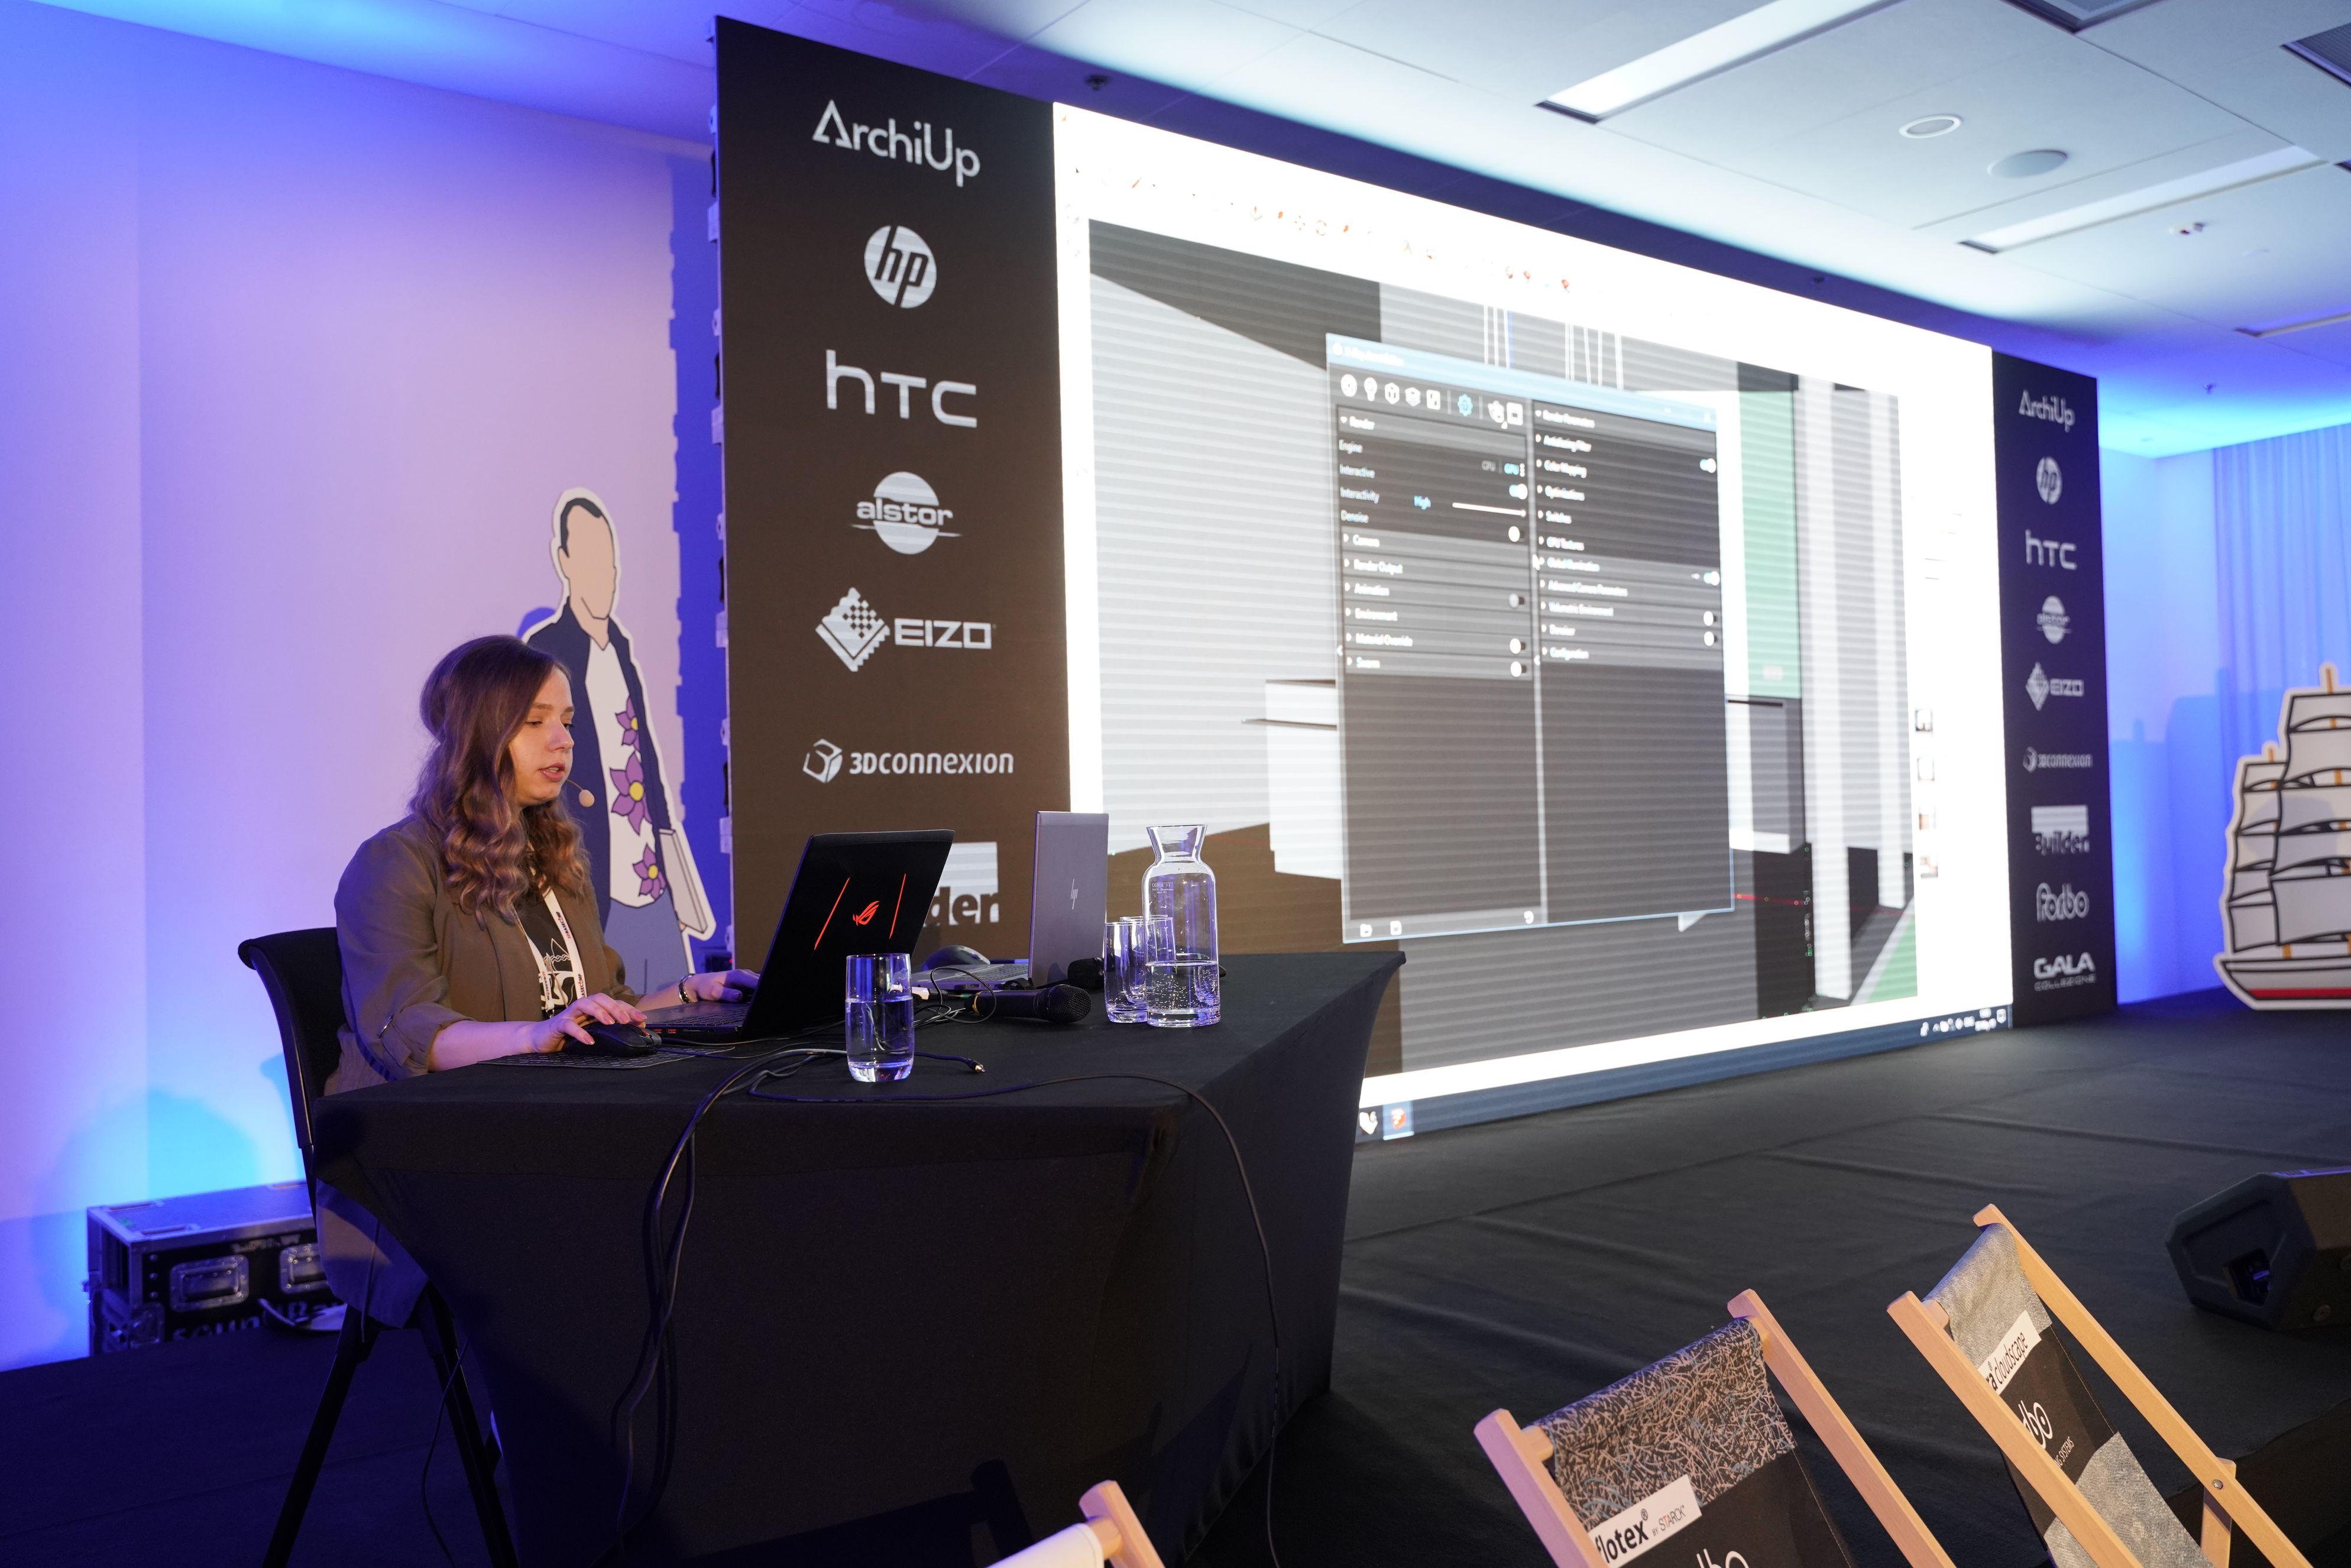 Anastasia Zhivaeva z Chaos Group jest doświadczonym architekt specjalizująca się w projektowaniu wnętrz i grafice komputerowej.